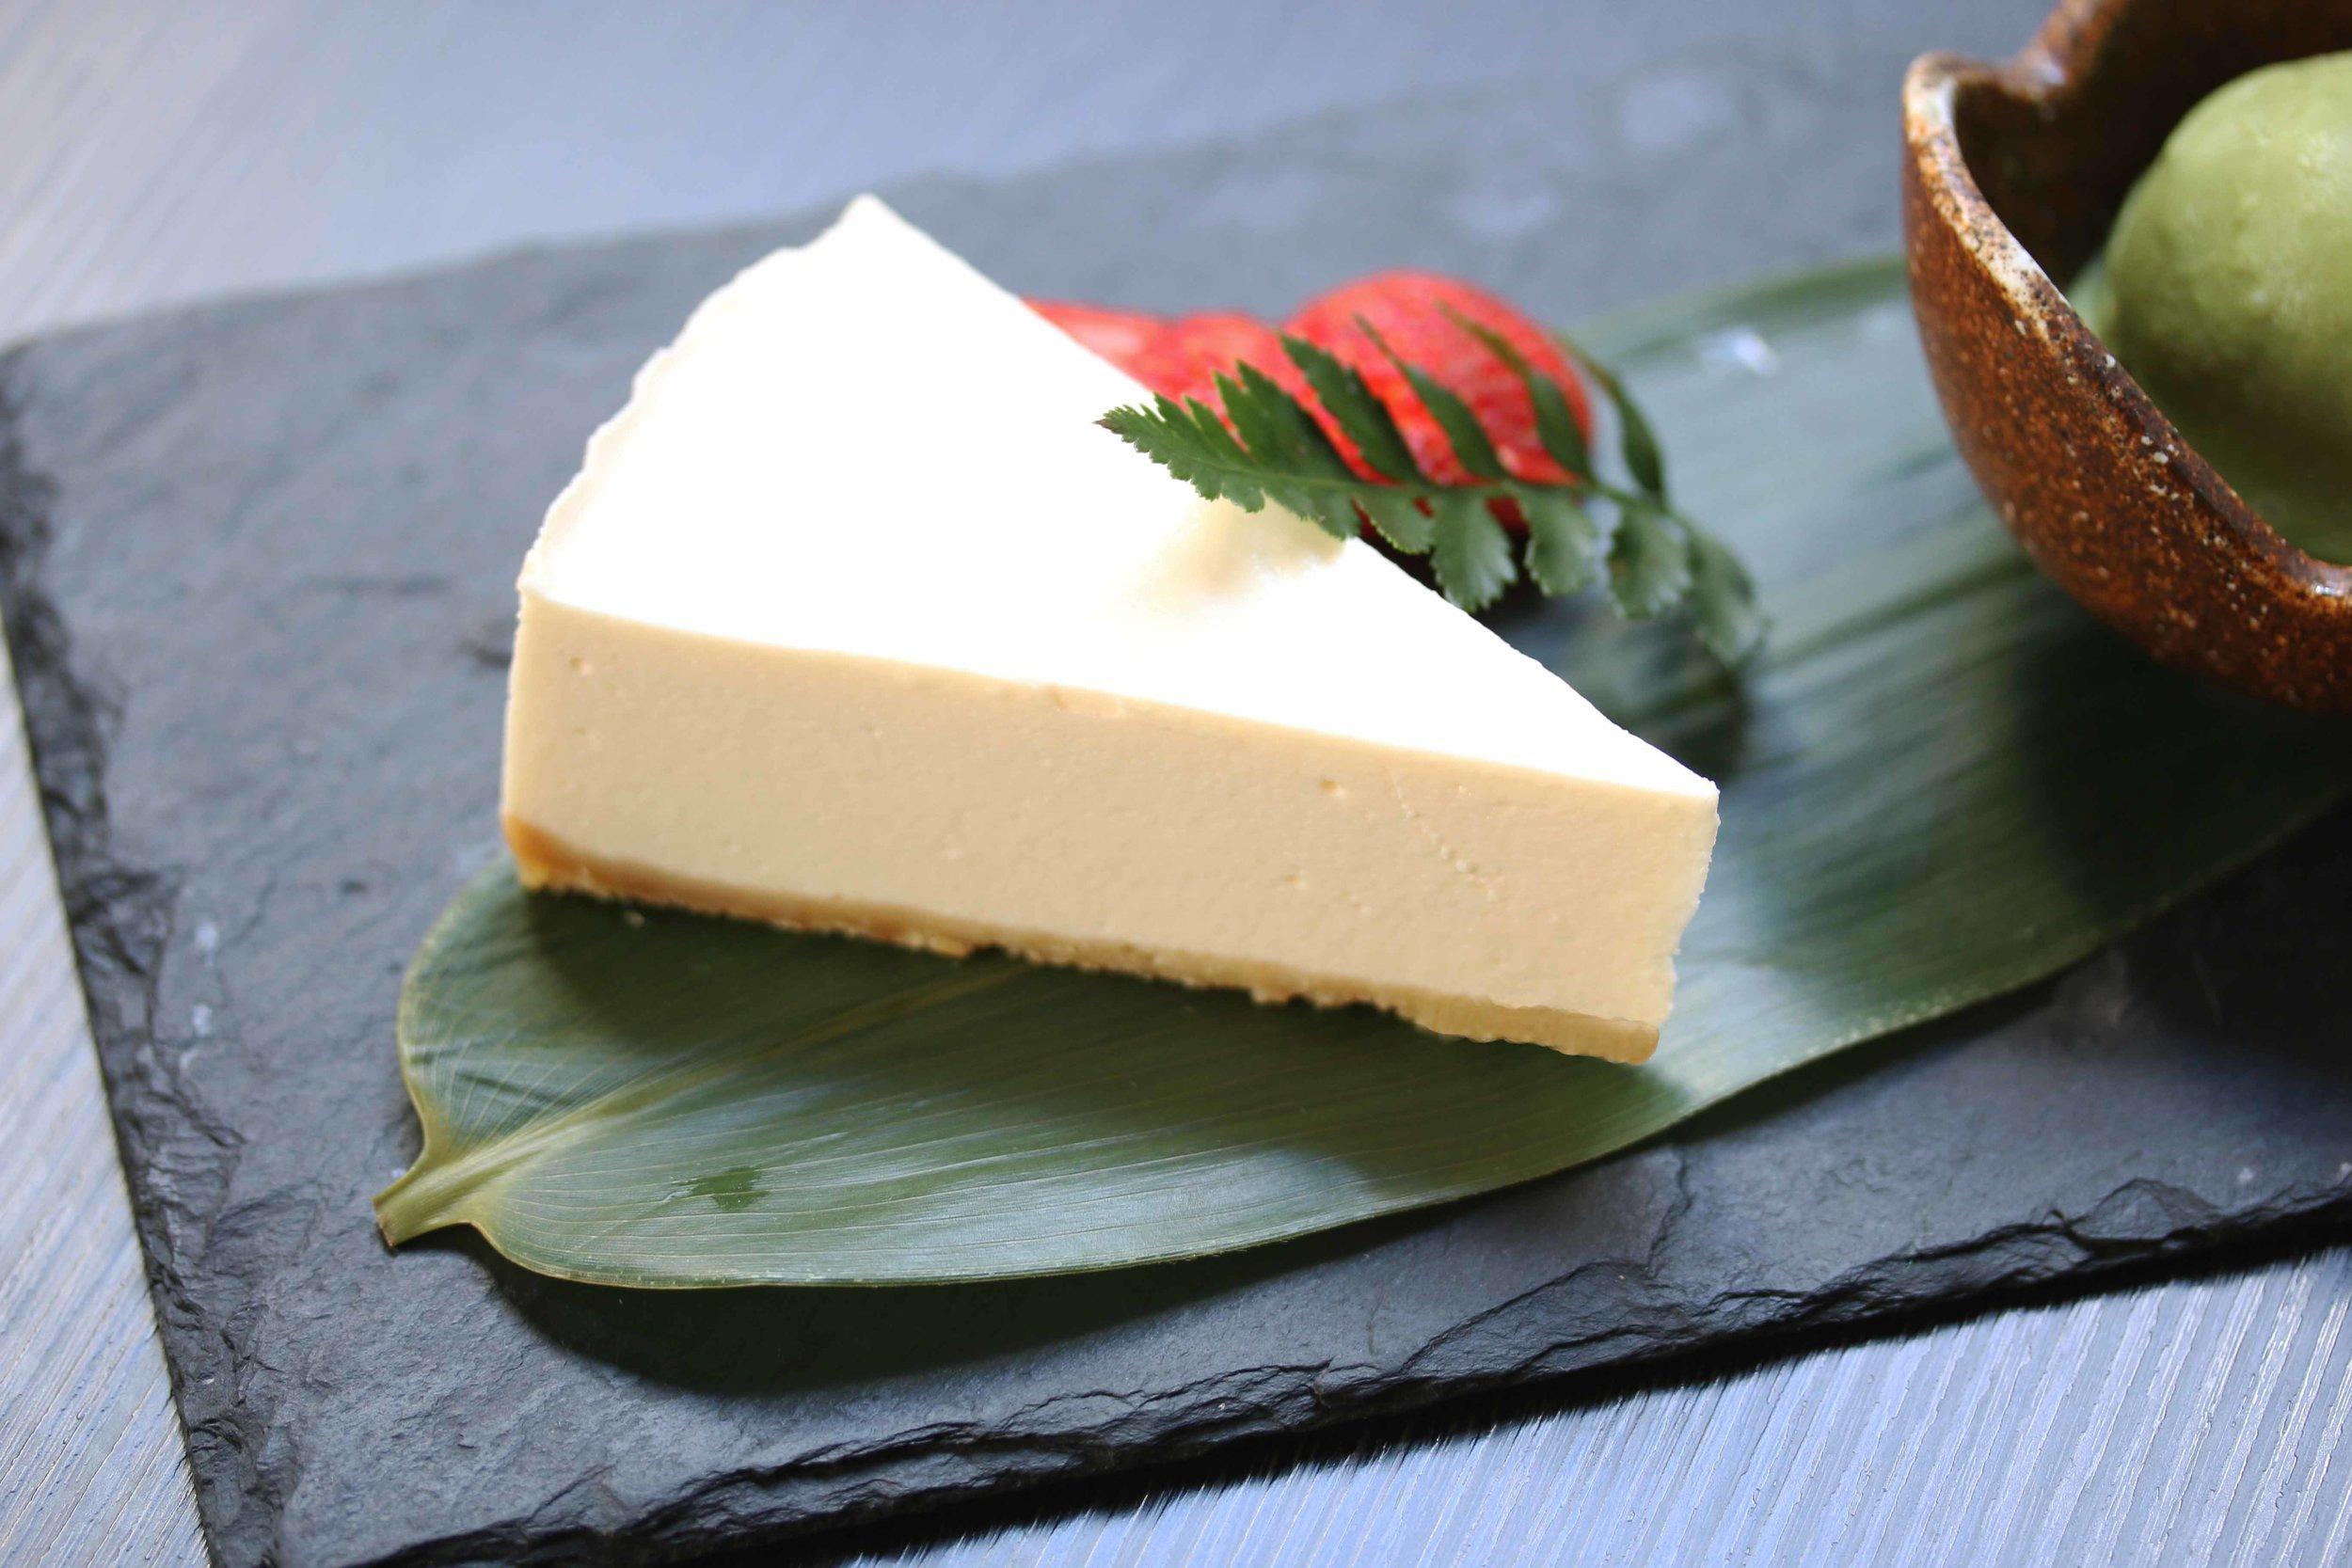 Homemade Tofu Rare Cheesecake with Green Tea Ice Cream